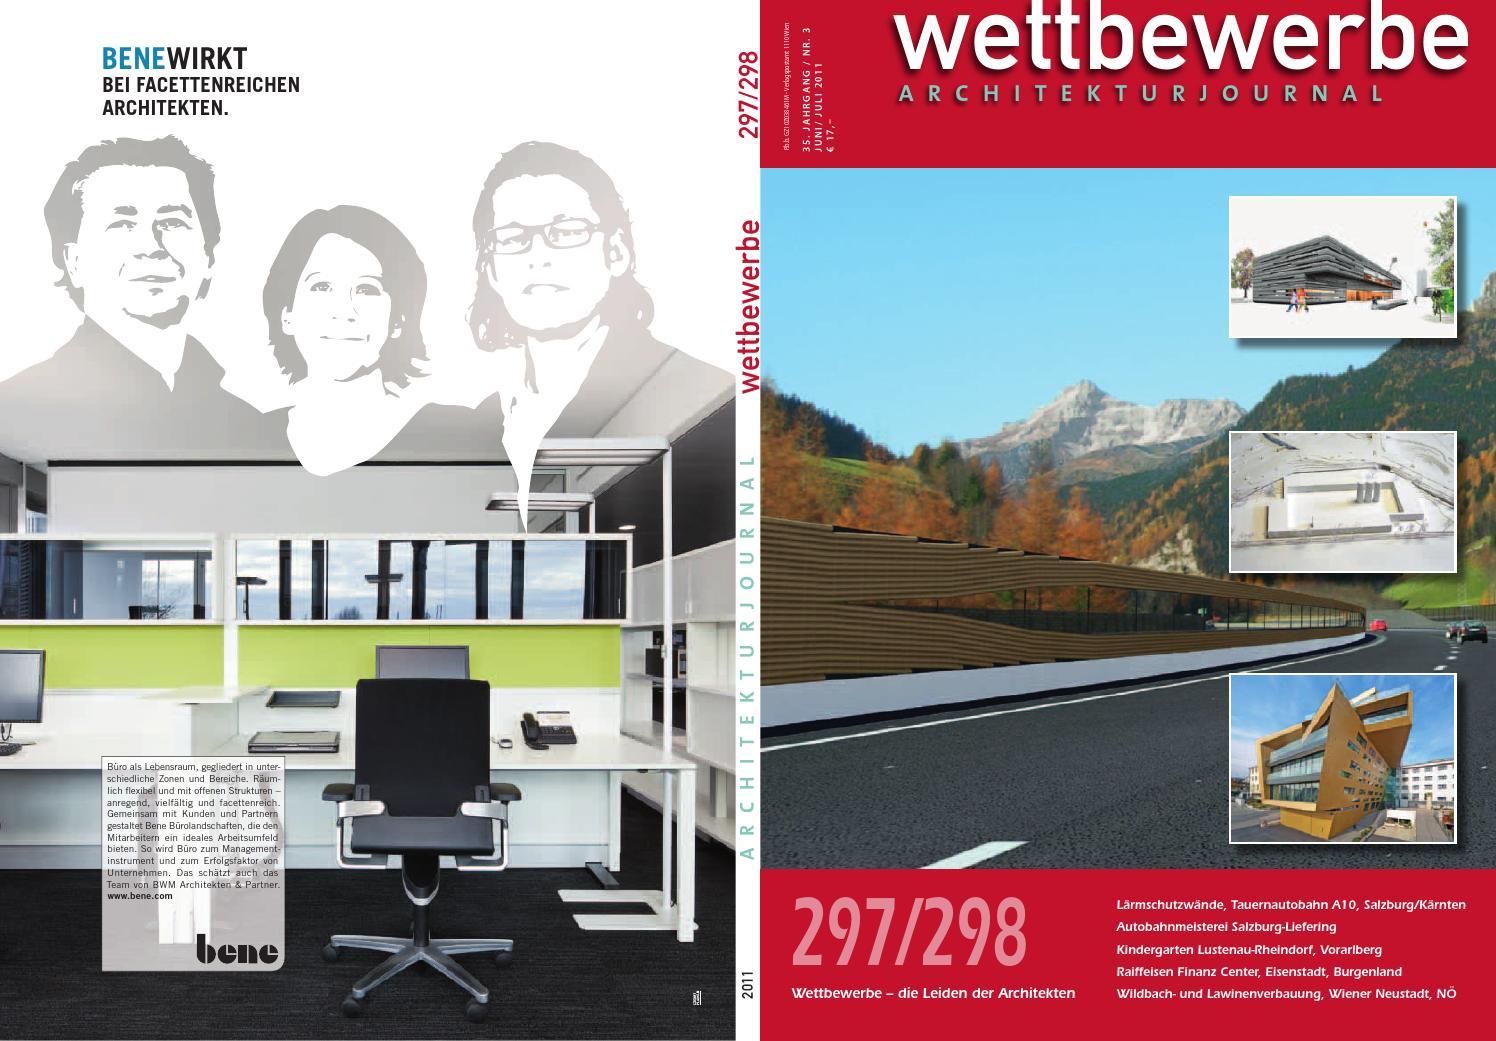 297/298 Juni/Juli 2011 by Architekturjournal wettbewerbe - issuu